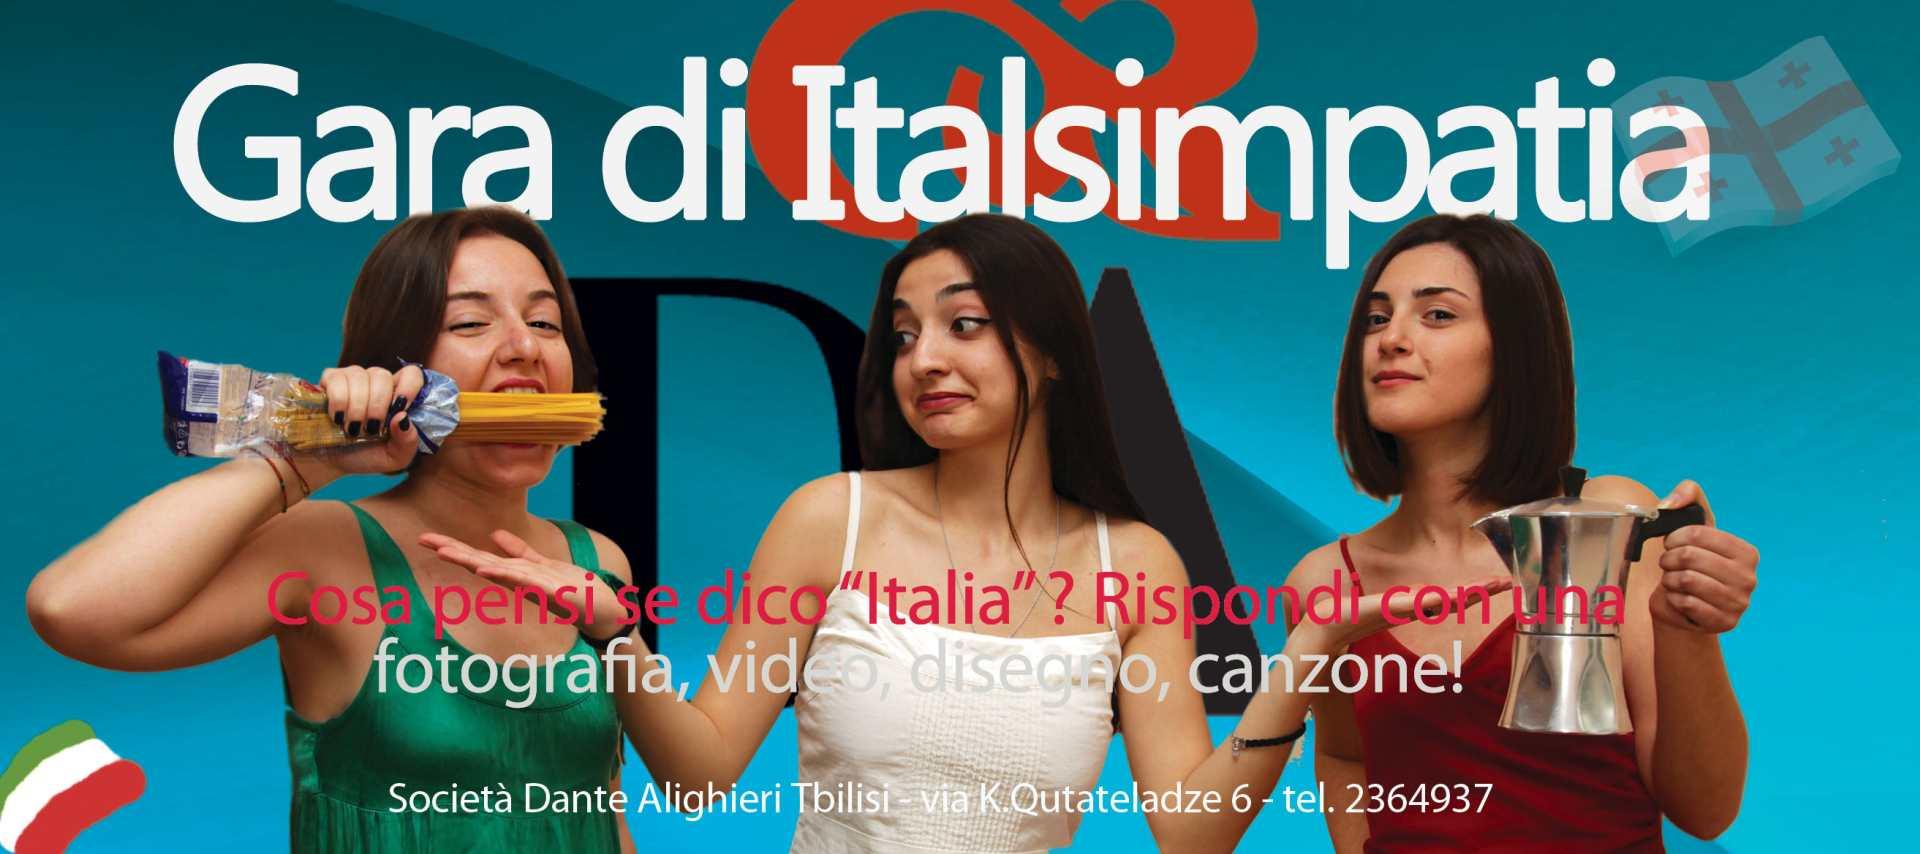 ITALIASIMPATIA-NEW2GIRLS-2-light